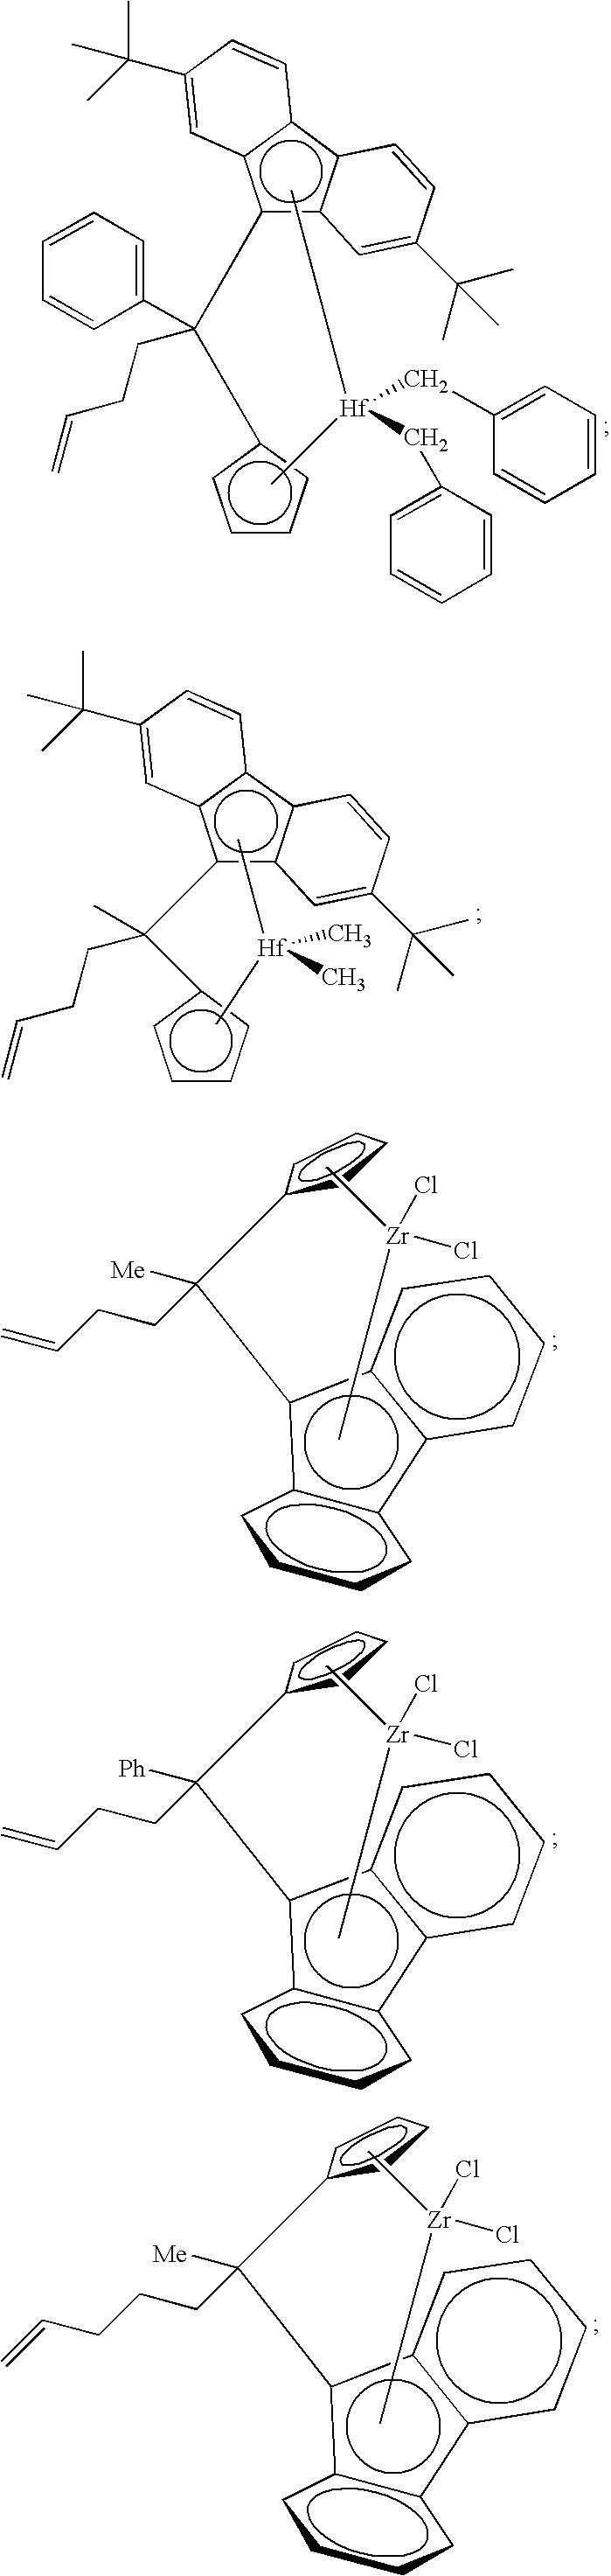 Figure US20100076167A1-20100325-C00008